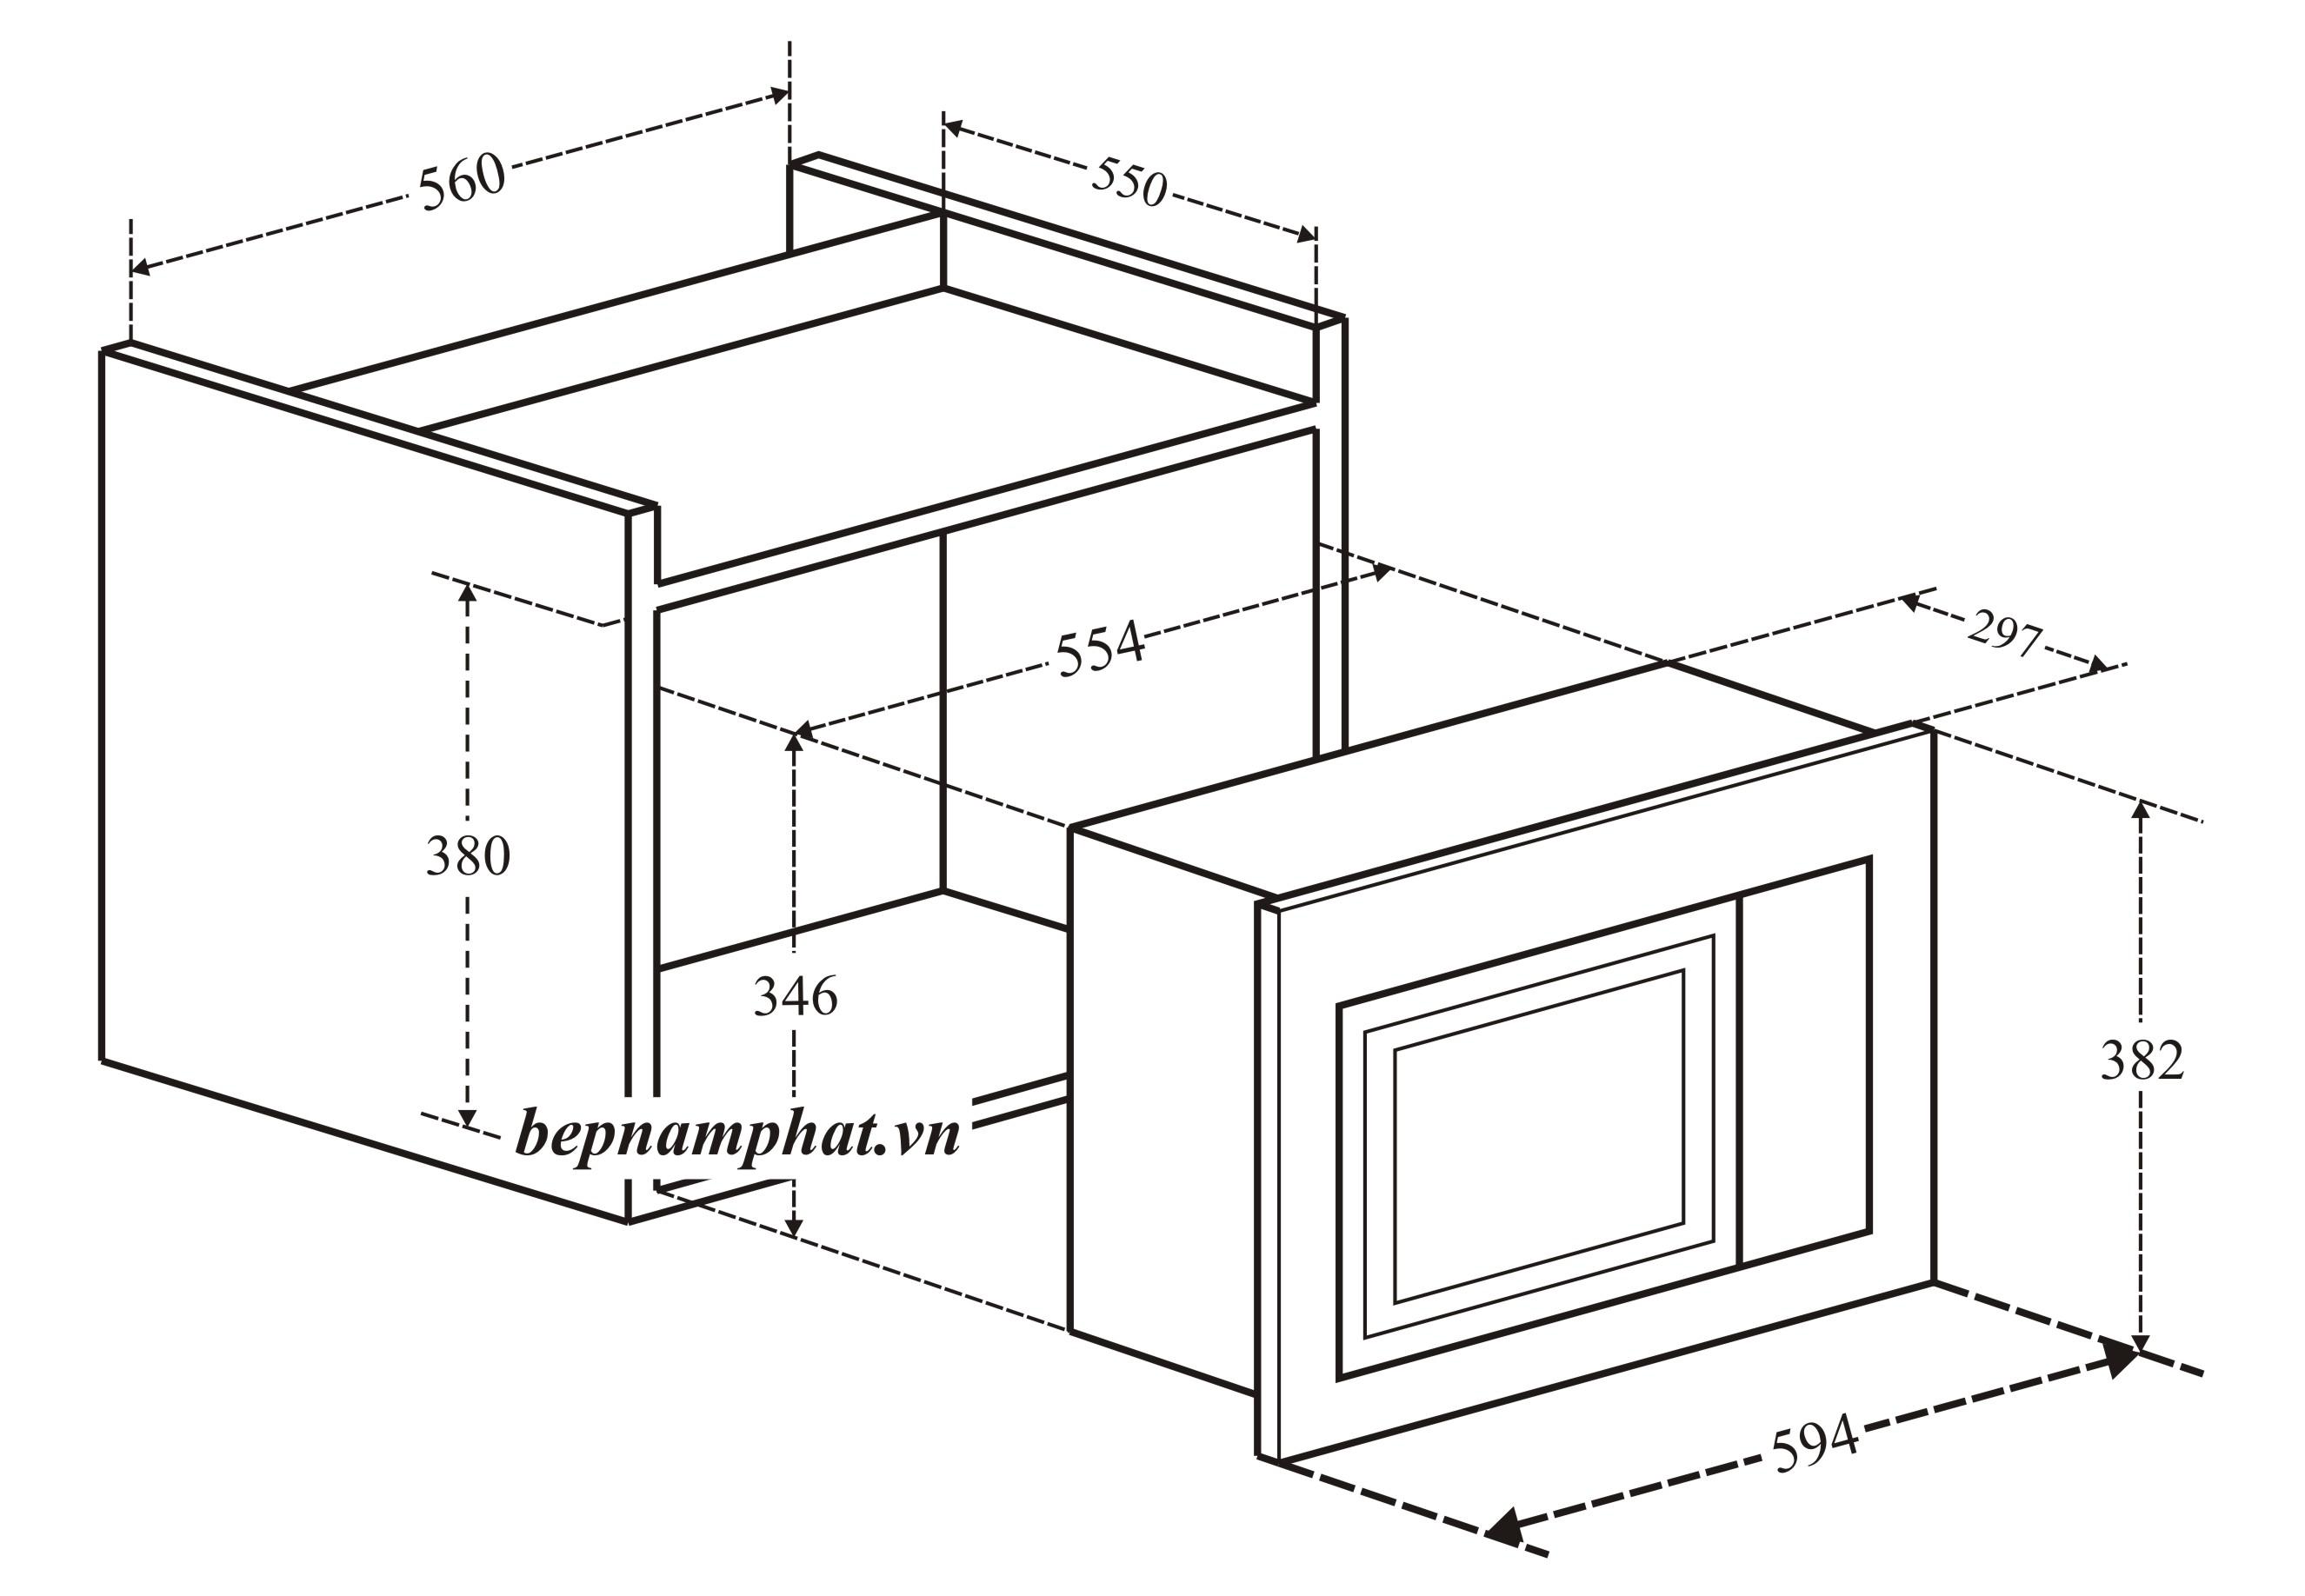 Lò vi sóng Bosch BFL523MS0, lò vi sóng, lo vi song, lò vi sóng Bosch, lò vi sóng Bosch giá rẻ, lò vi sóng Bosch giá rẻ tại TPHCM, lò vi sóng giá rẻ, lò viba, lò vi sóng giá rẻ, lò vi sóng âm tủ